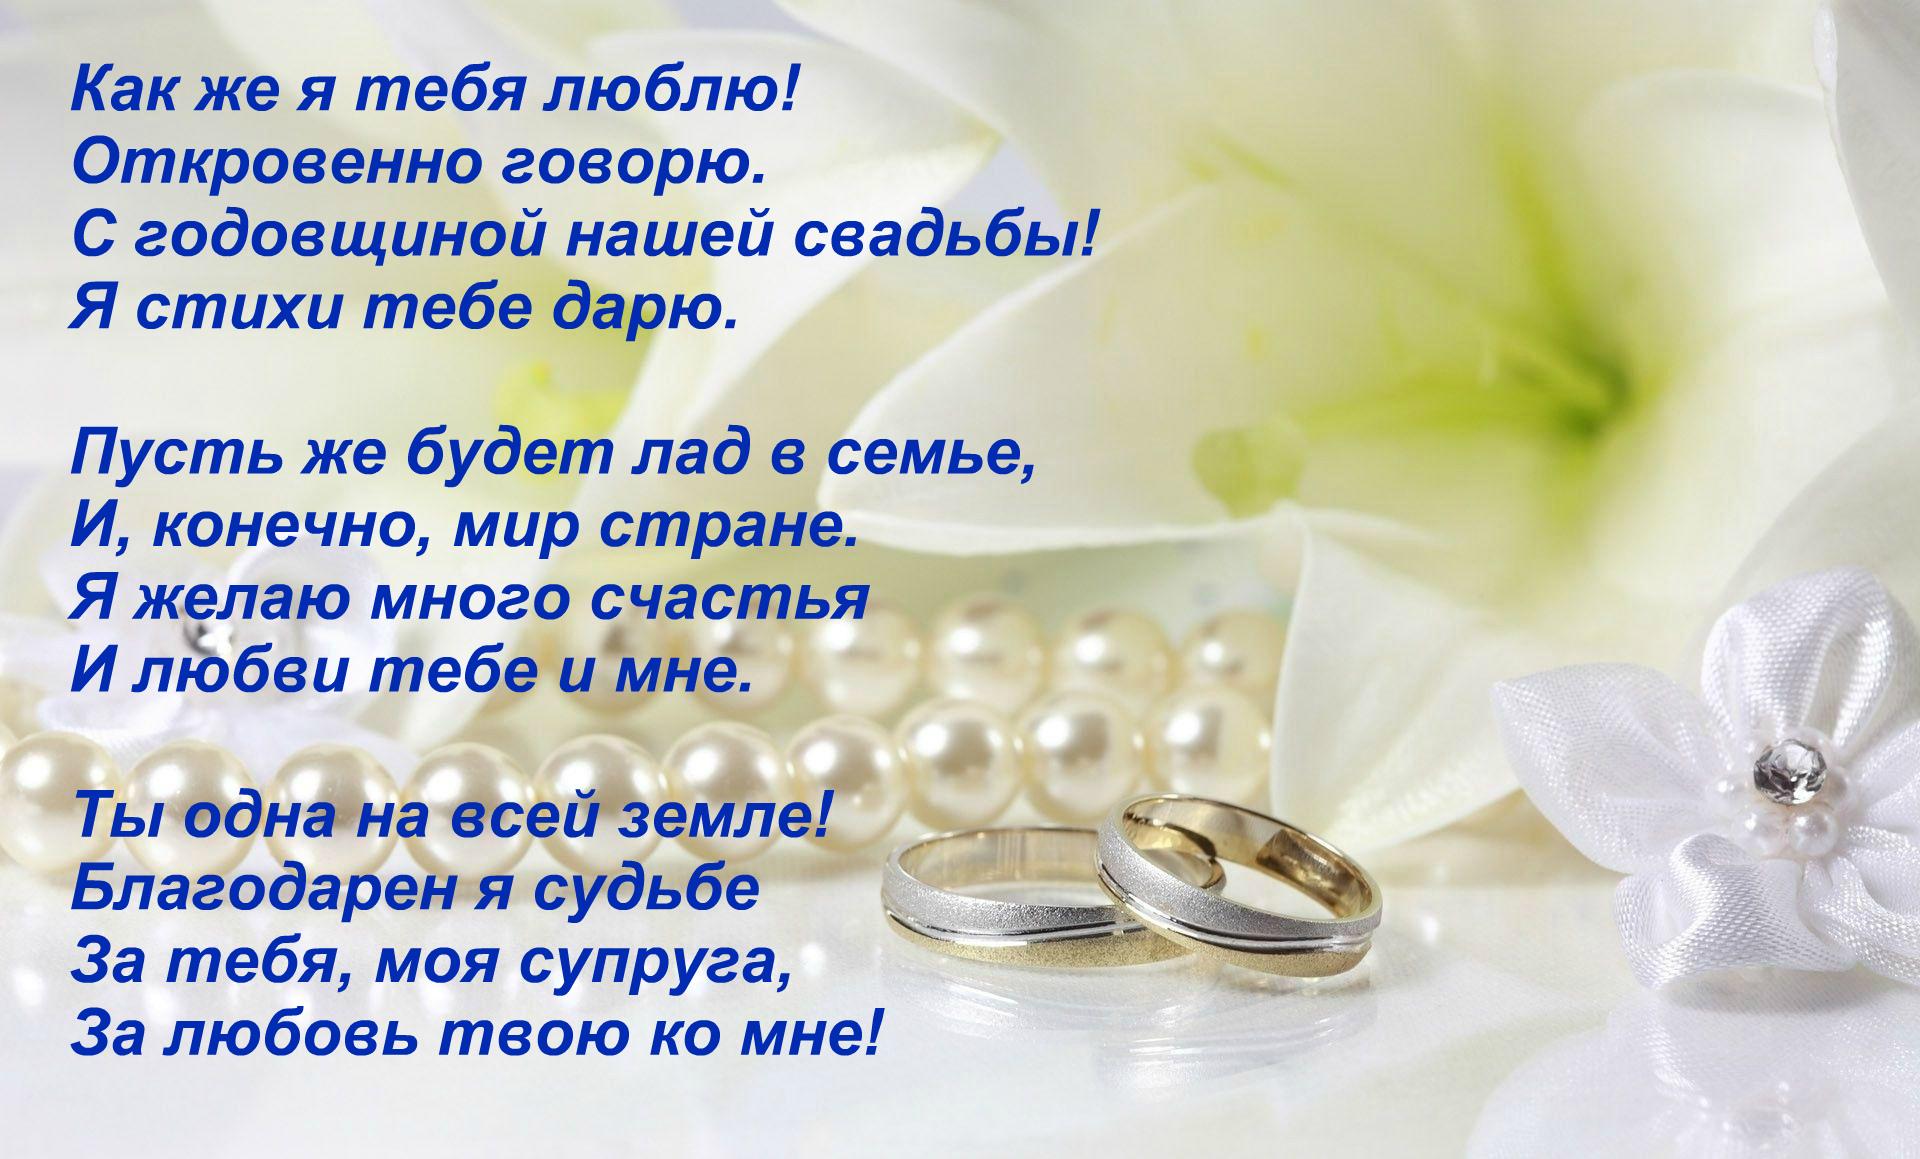 стихи про загс и свадьбу